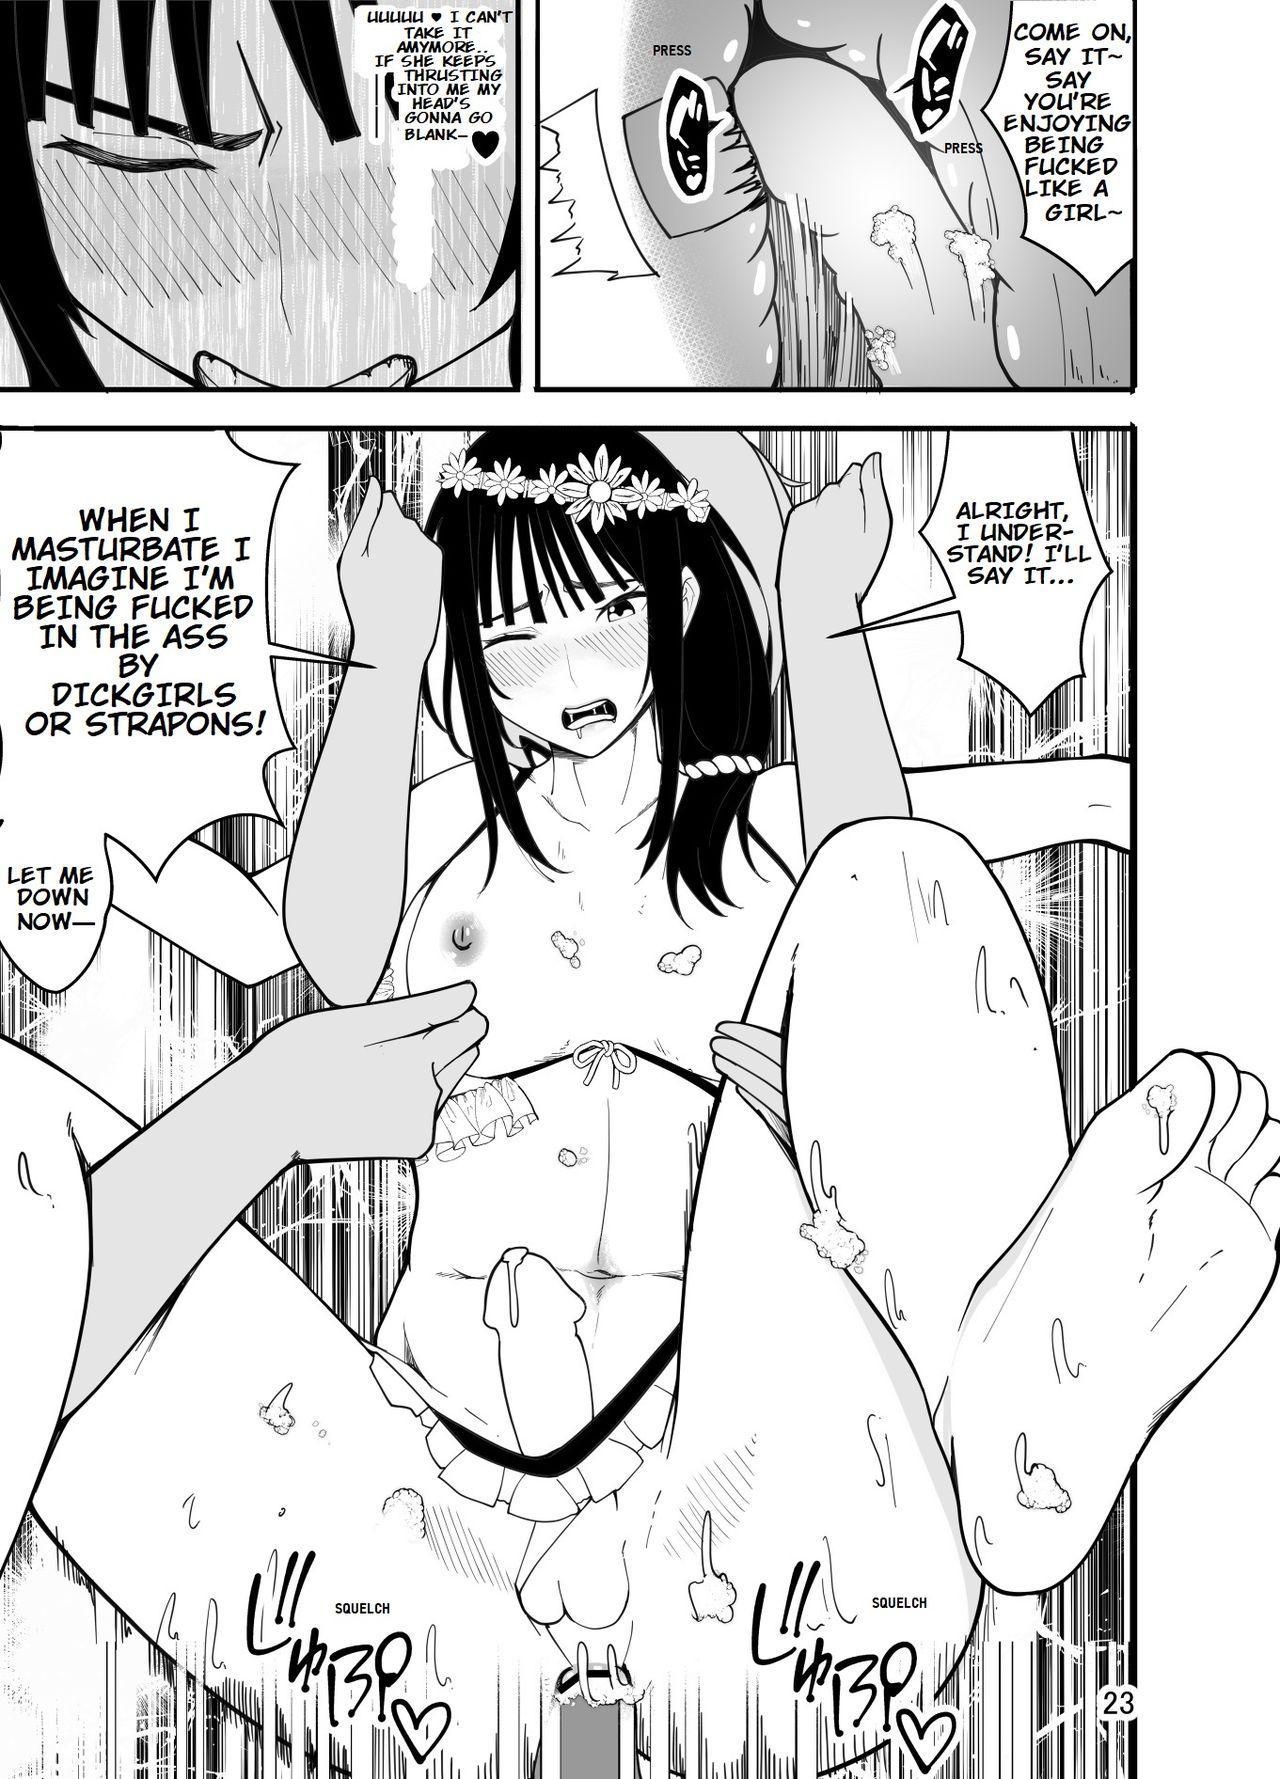 Mizugi de Josou!? Sensei Ijiri!! | Mizuki the Crossdresser! Let's Mess Around with the Teacher!! 23